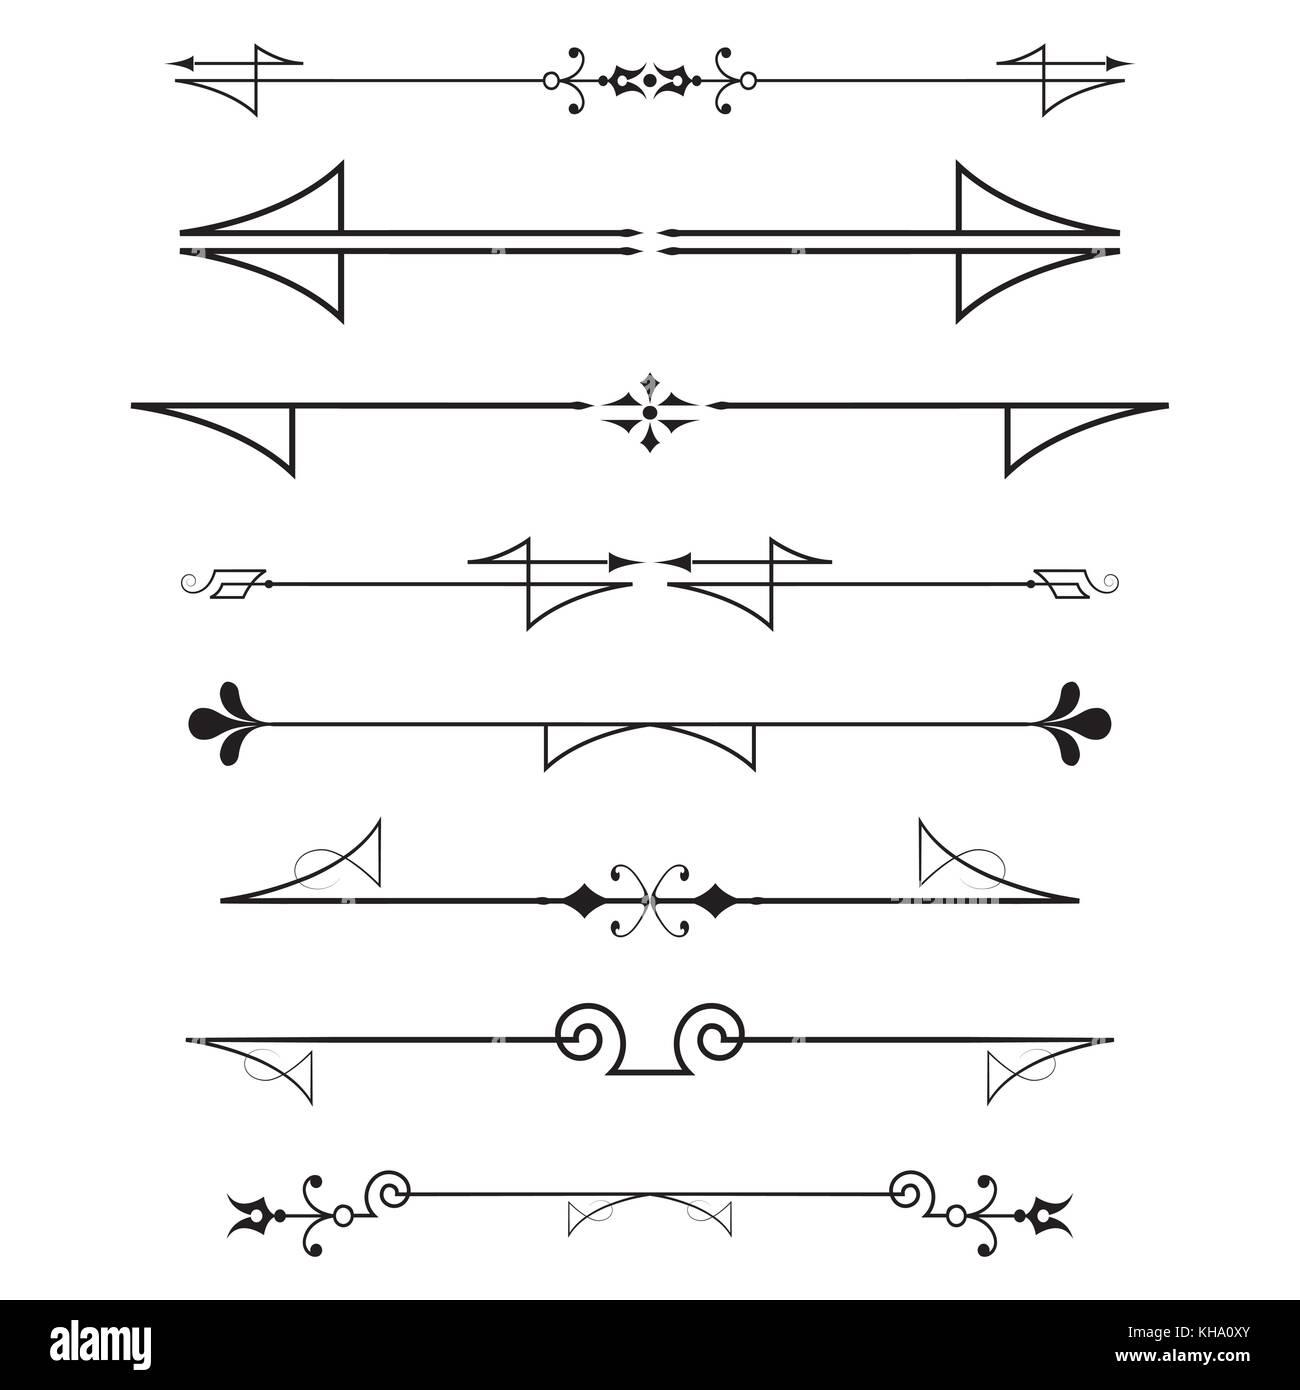 Conjunto de elementos de dise o caligr fico y decoraci n de p gina divisores aislado sobre - Elementos de decoracion ...